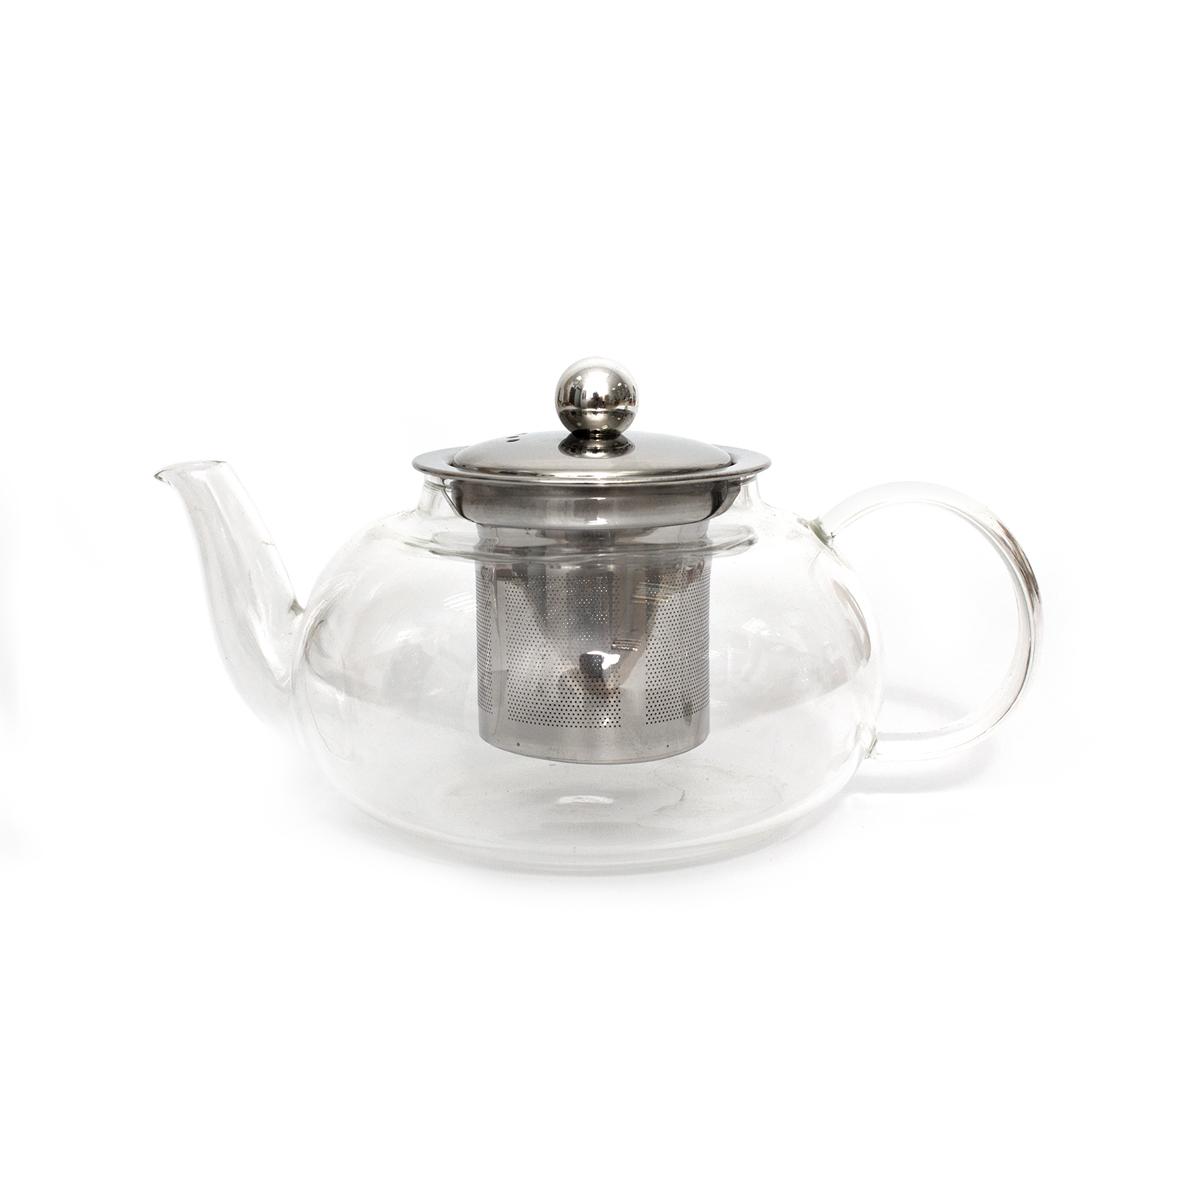 Стеклянный заварочный чайник Ландыш-2, 600 мл стеклянный заварочный чайник смородина малая без заварочной колбы 600 мл